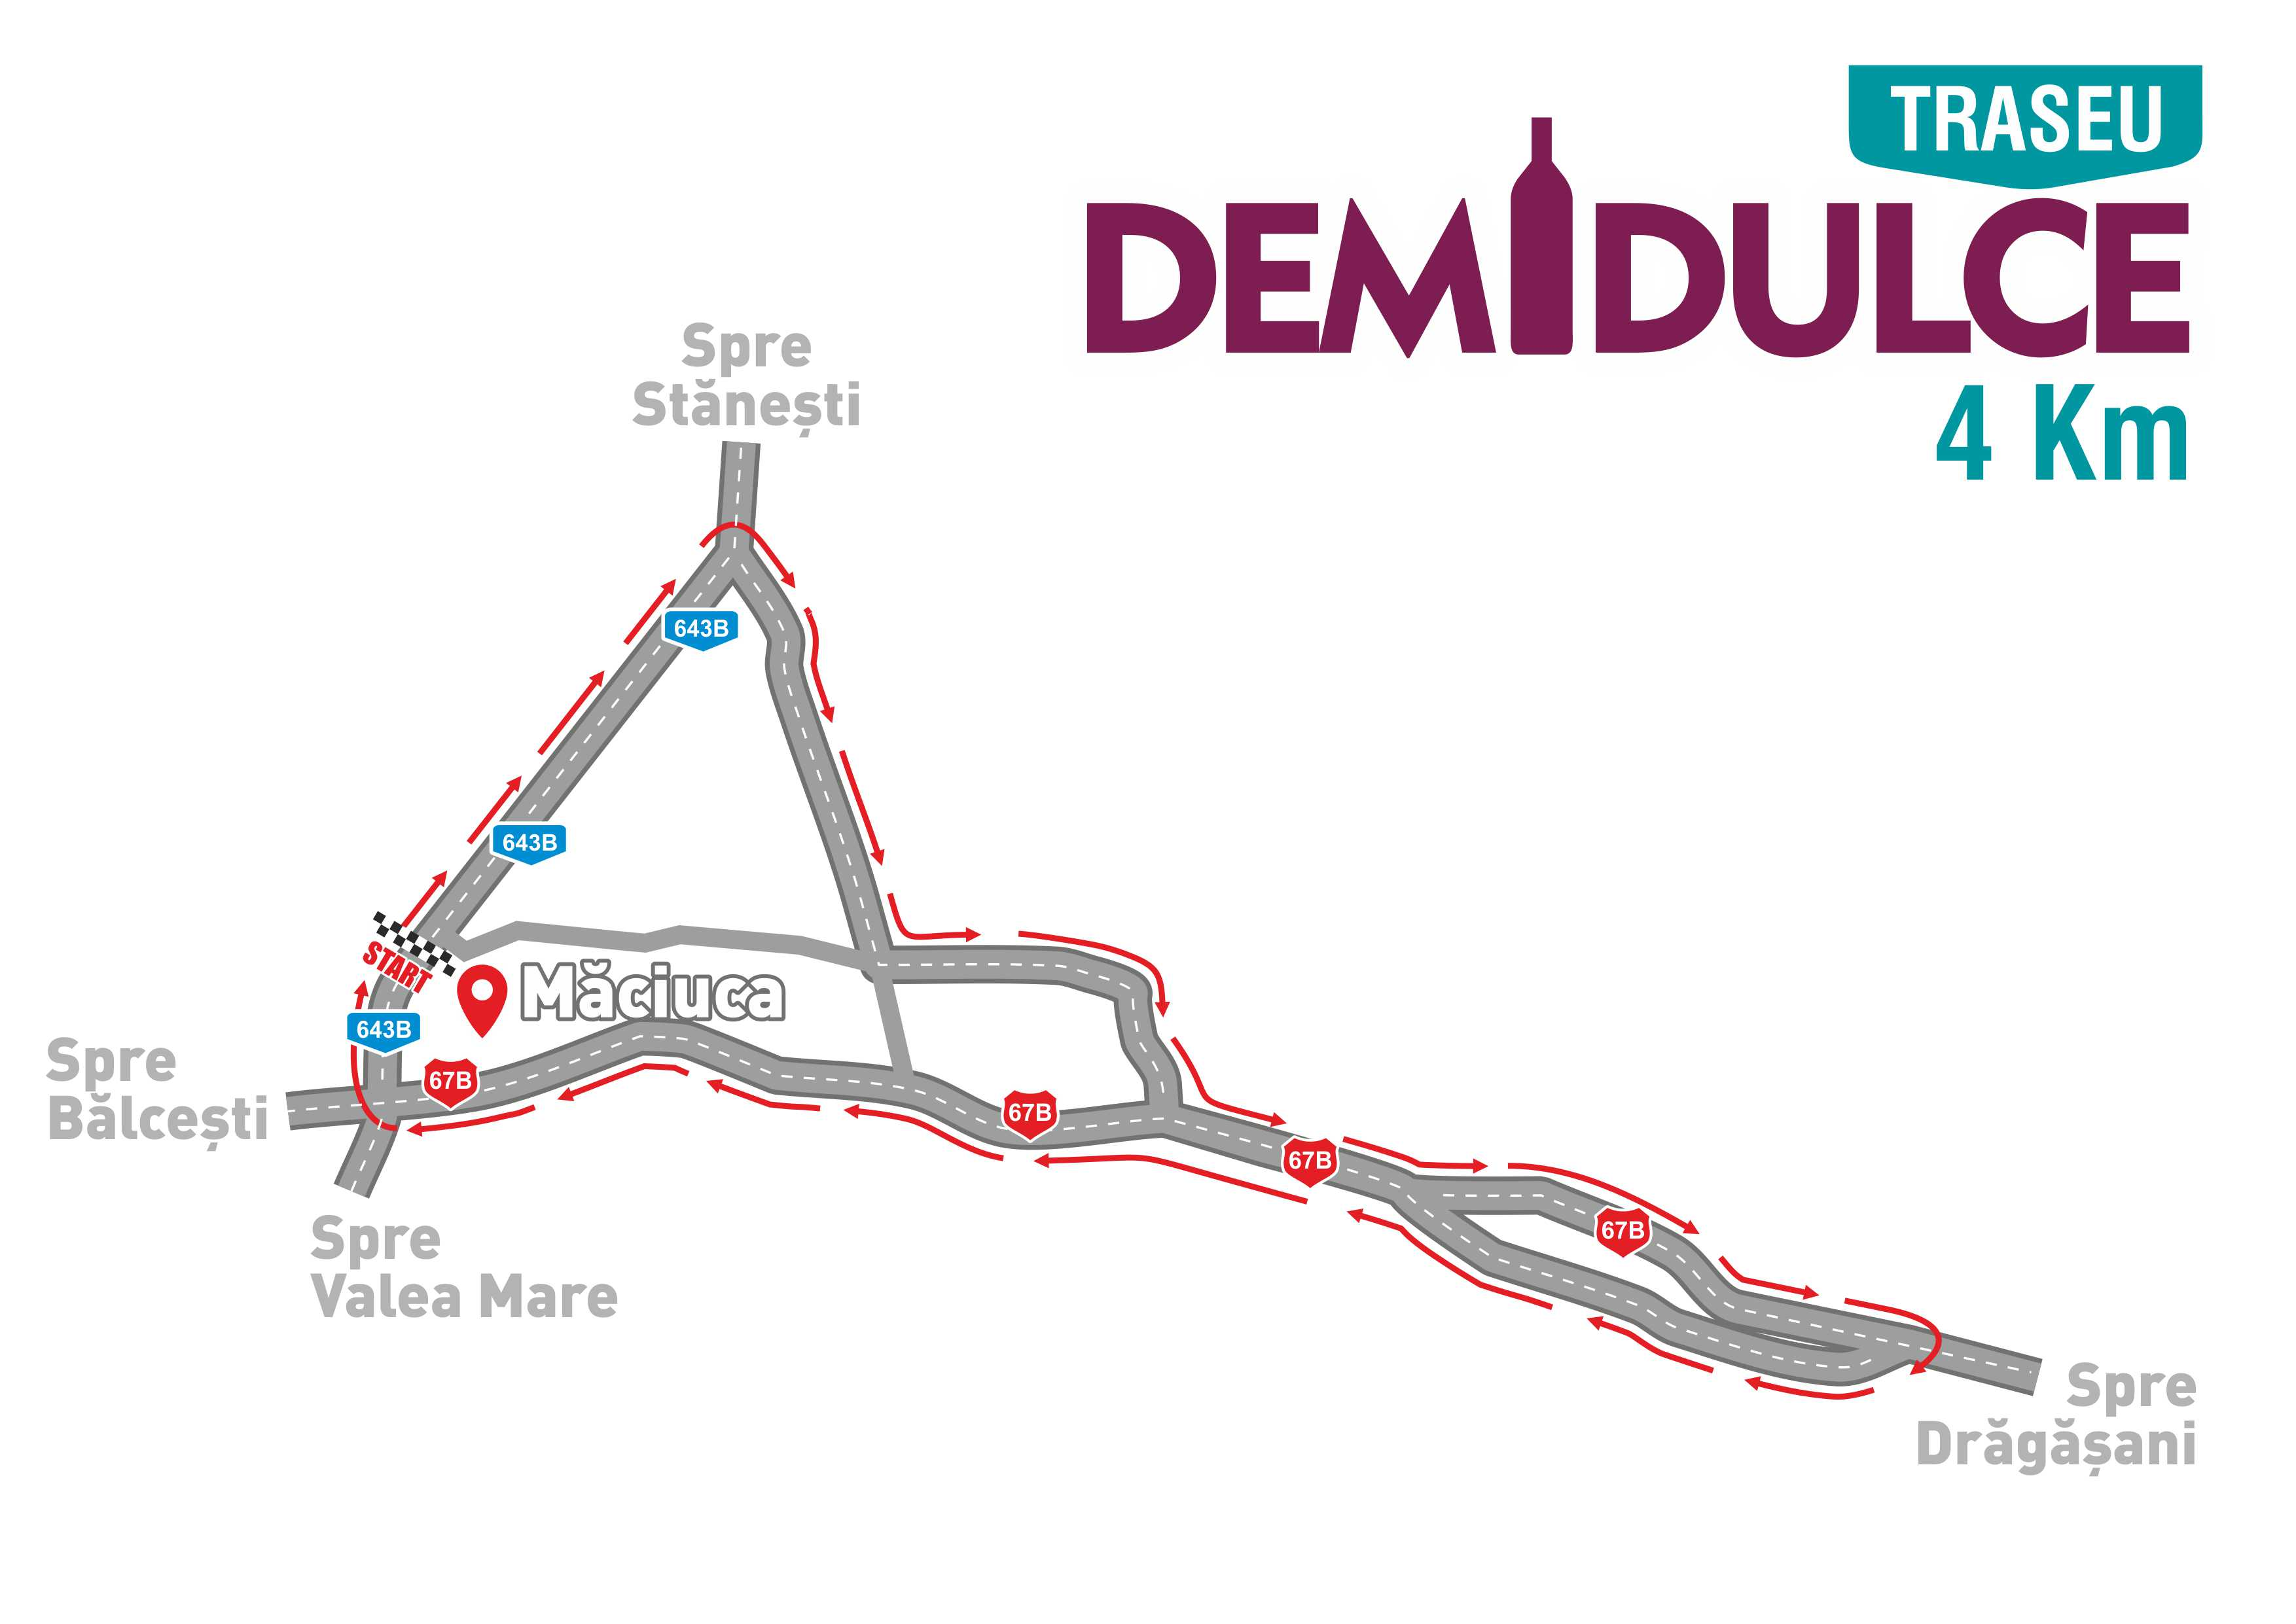 Traseu DEMIDULCE 4